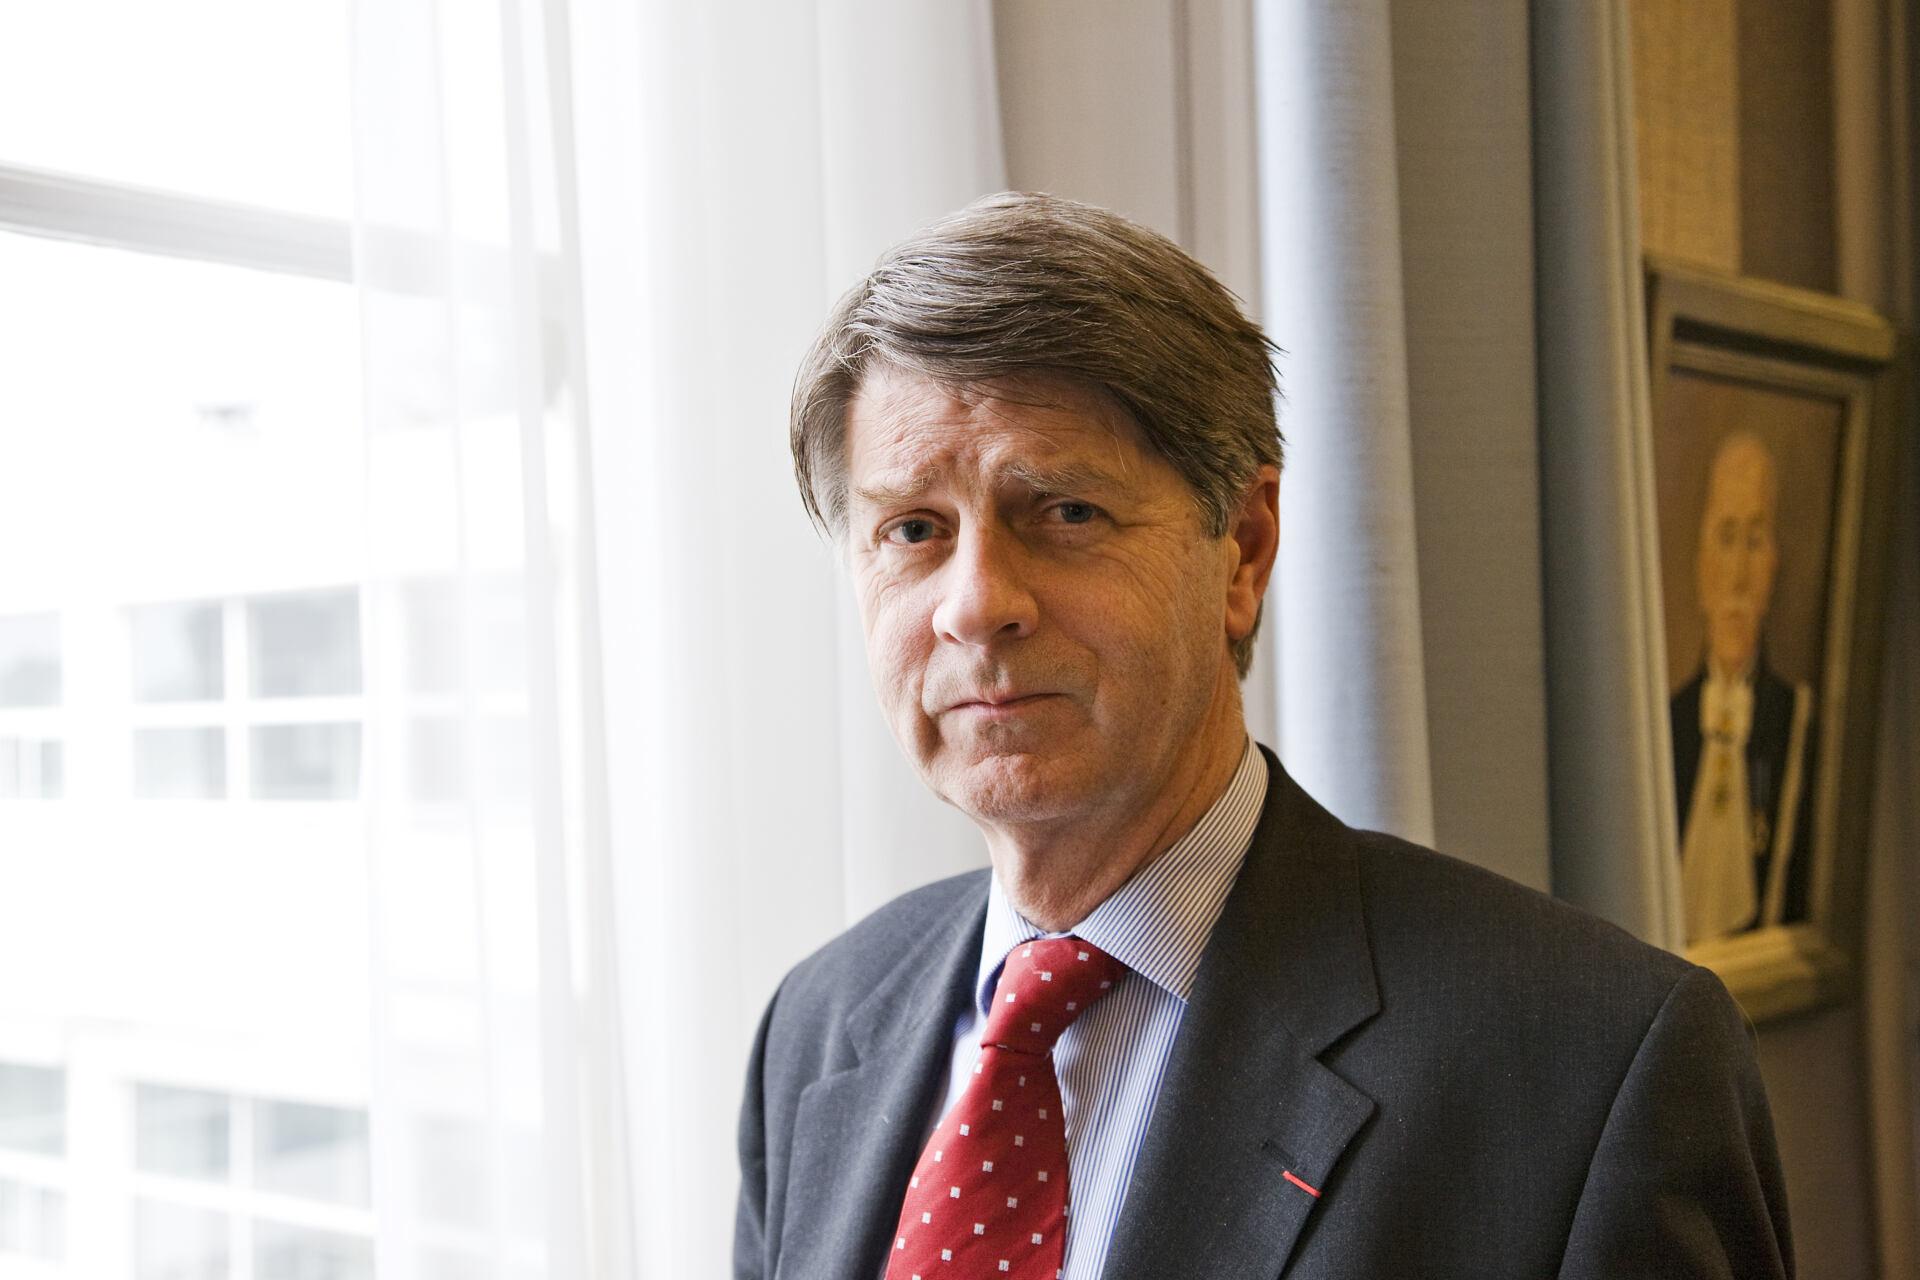 Geert Corstens